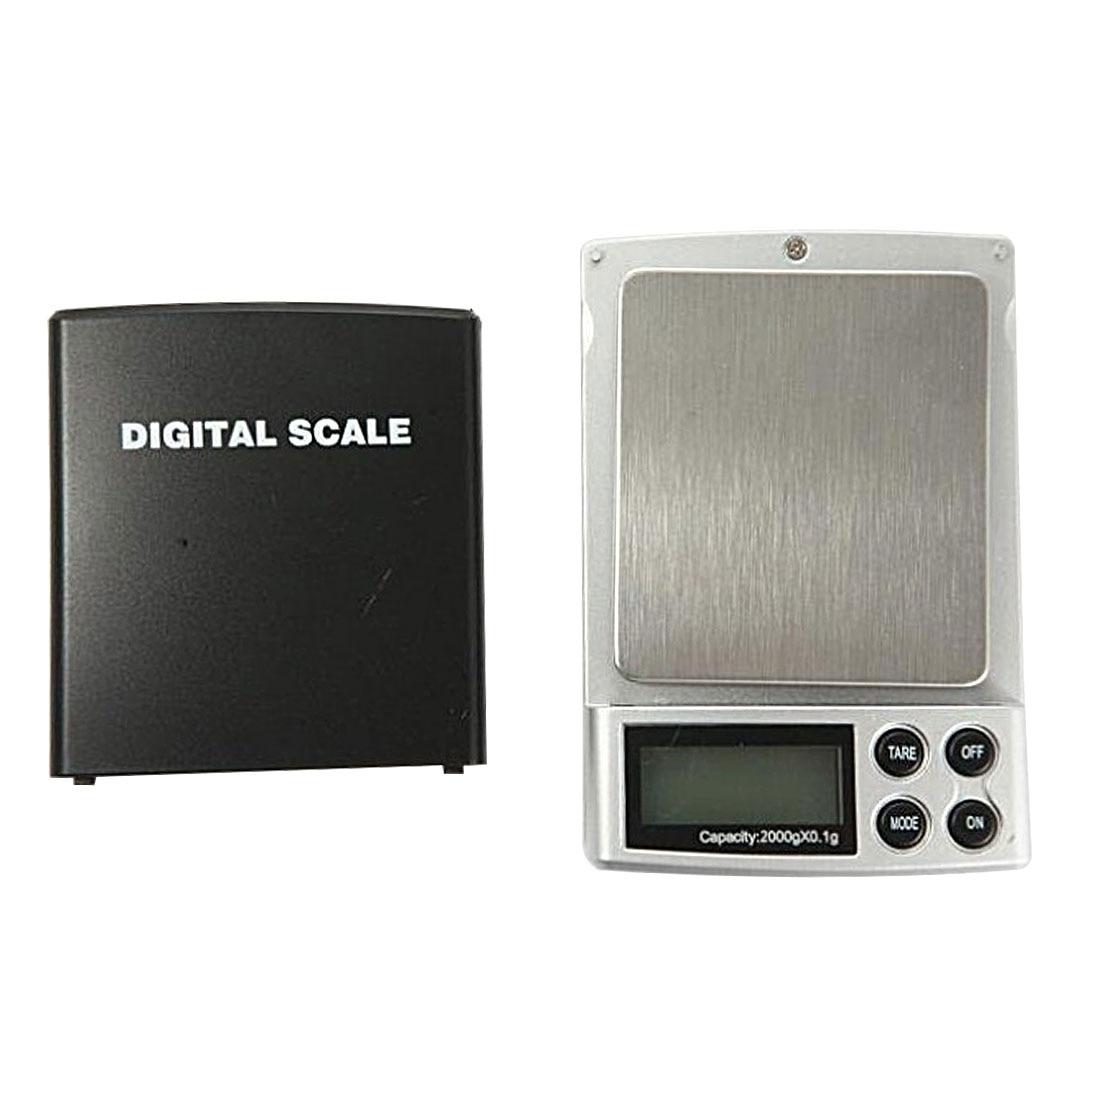 Tasche Elektronische Digitale Waage Schmuck 2000g x 0,1g Wiegen Küchenwaagen Gramm Balance LCD Display